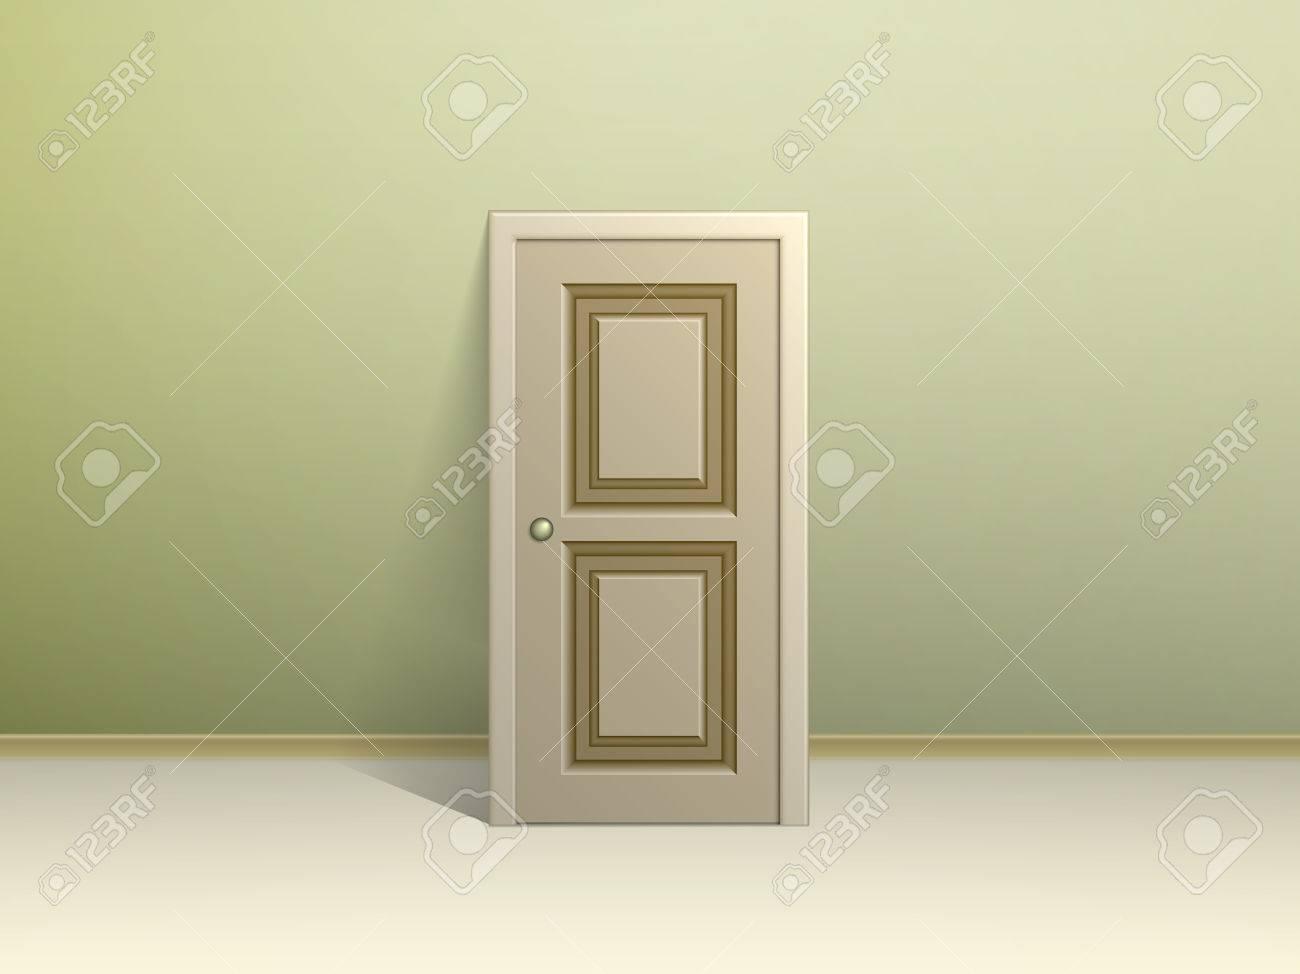 AuBergewohnlich Beige Getäfelten Tür An Die Wand Gelehnt Für Die Anzeige In Einem Zimmer  Mit Grünen Wänden